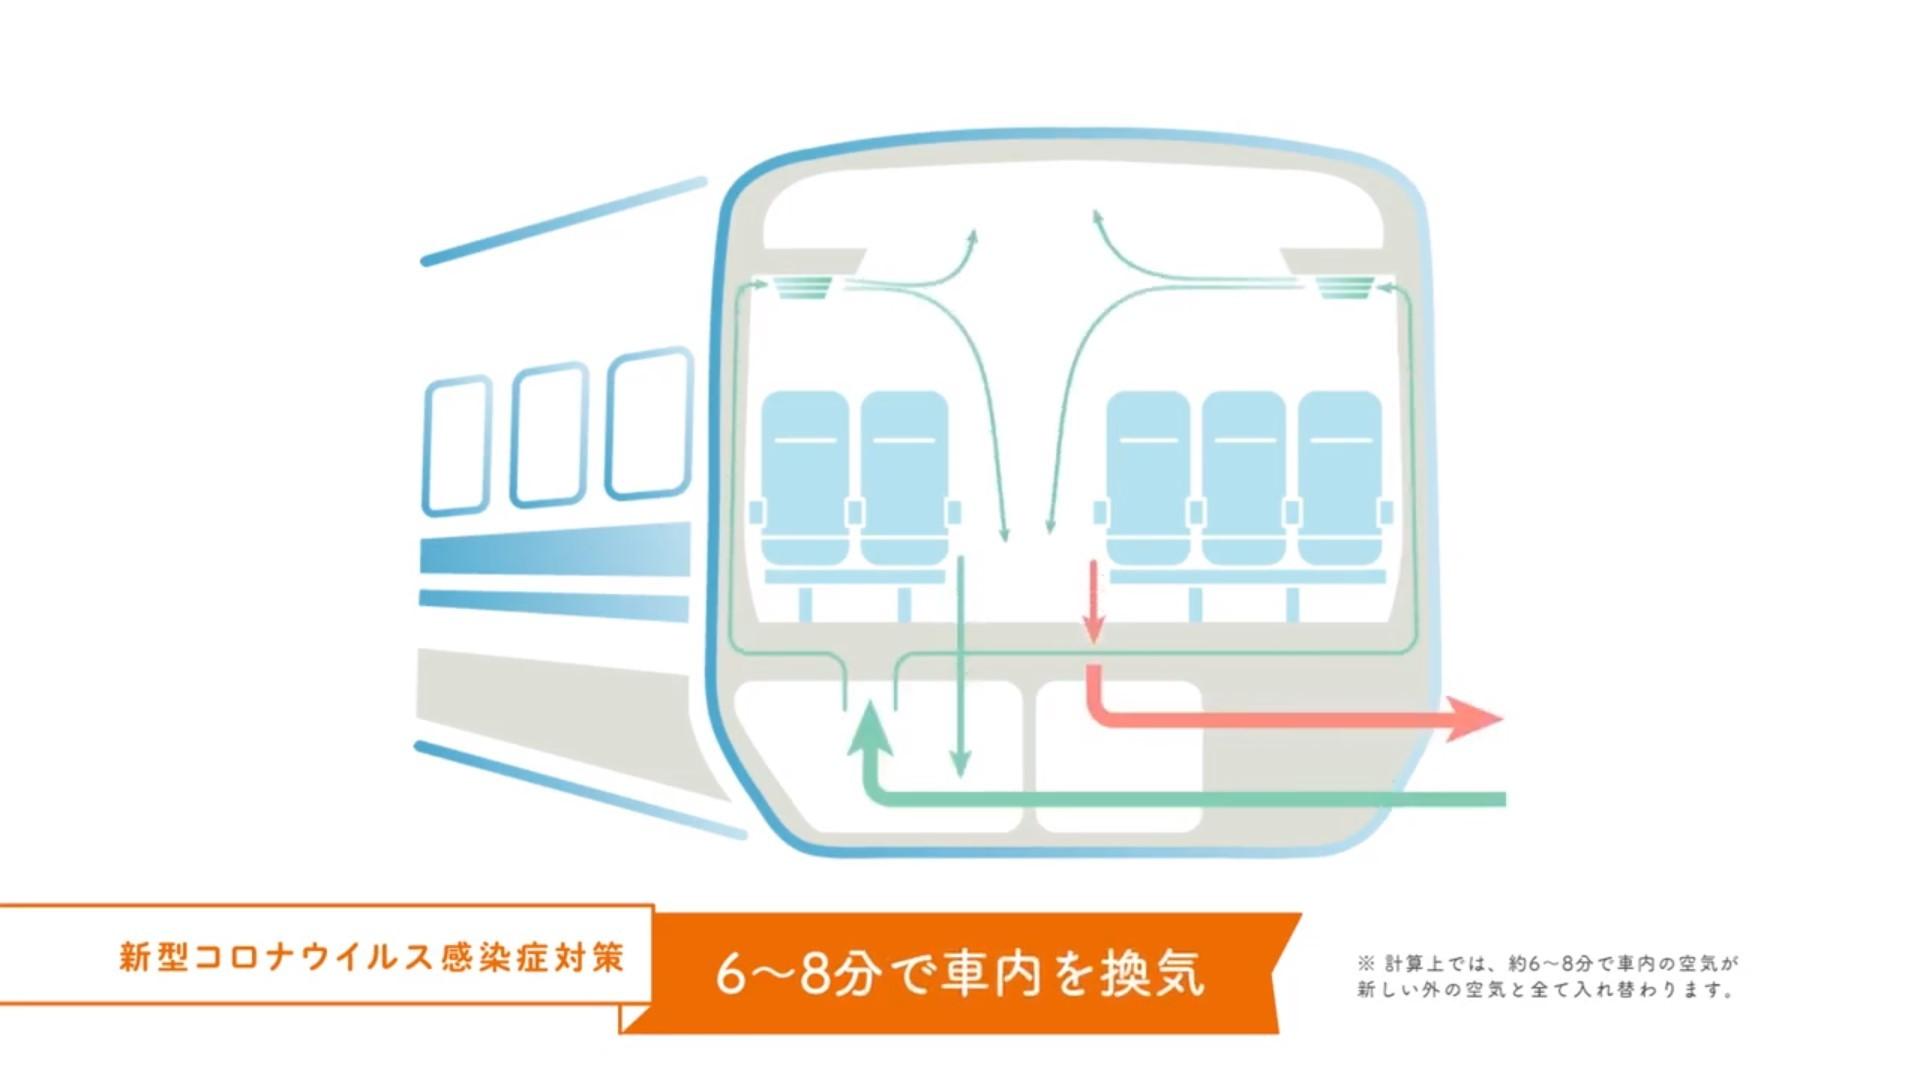 窓が開かない新幹線でも、車内の空気は6~8分で新鮮なものに(画像:JR東海)